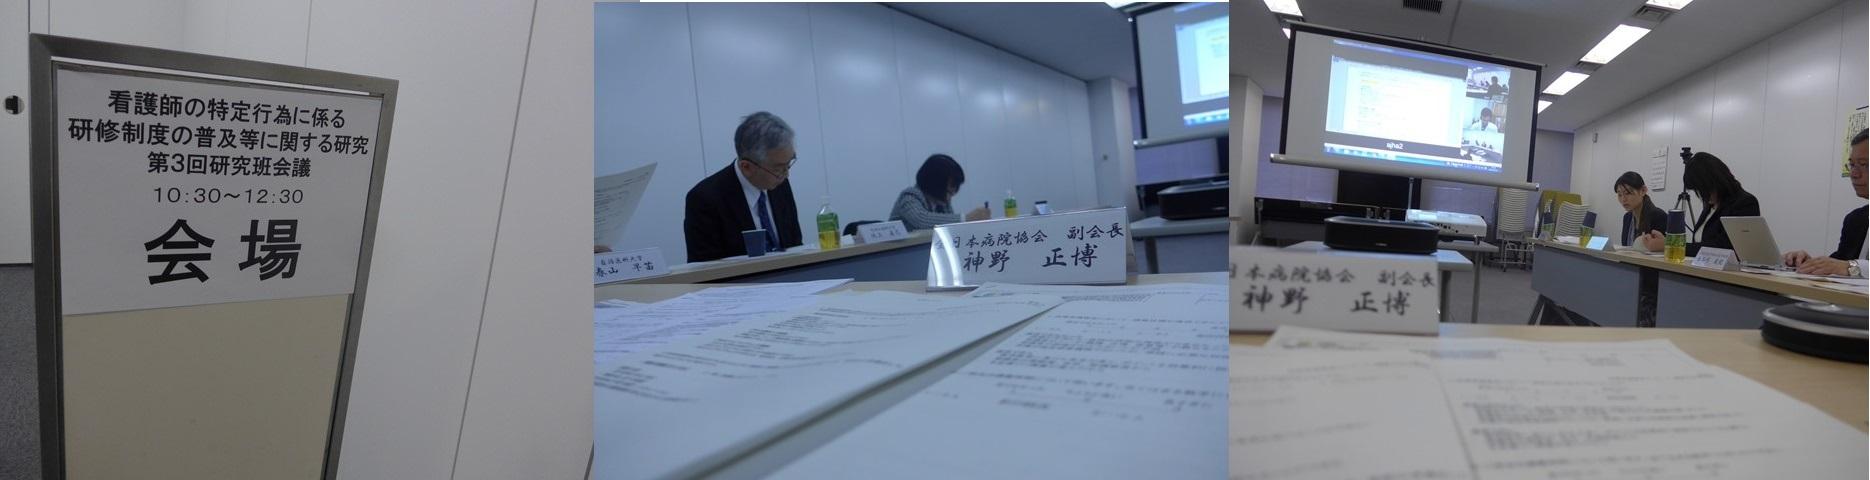 厚生労働科学研究神野班会議_b0115629_00132097.jpg